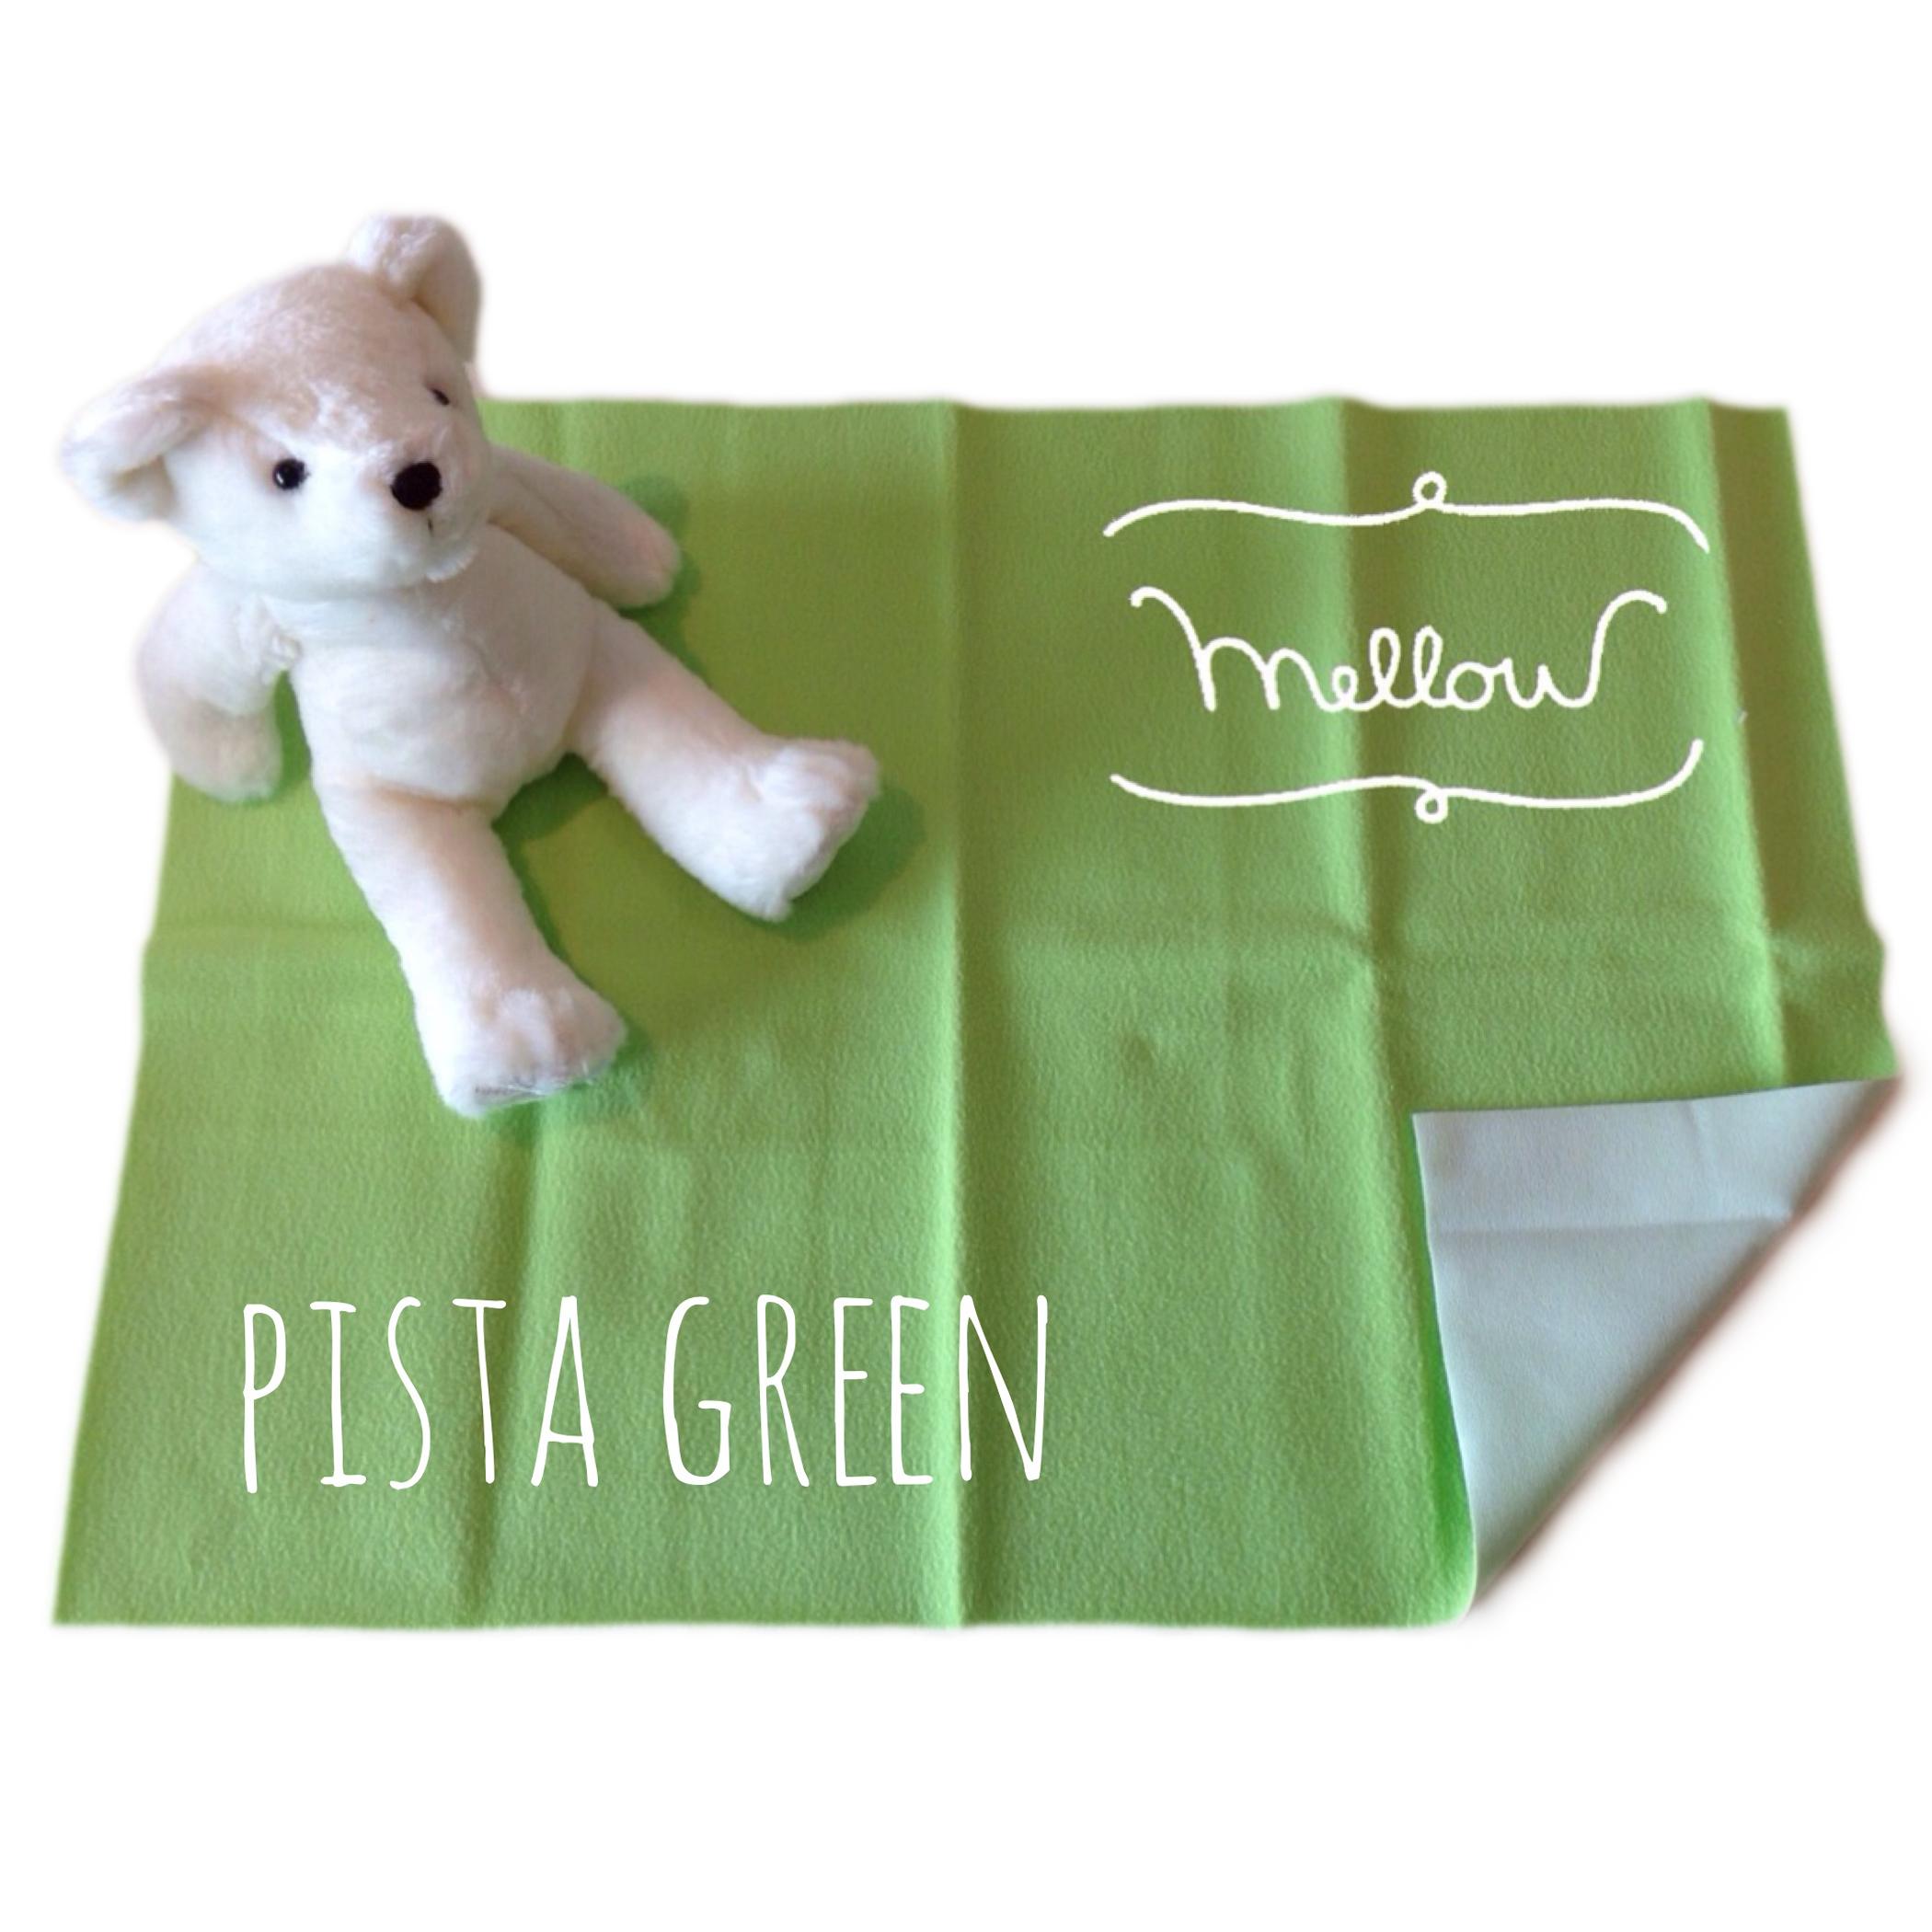 ผ้ารองกันฉี่ Mellow Quick dry SIZE S Pista green